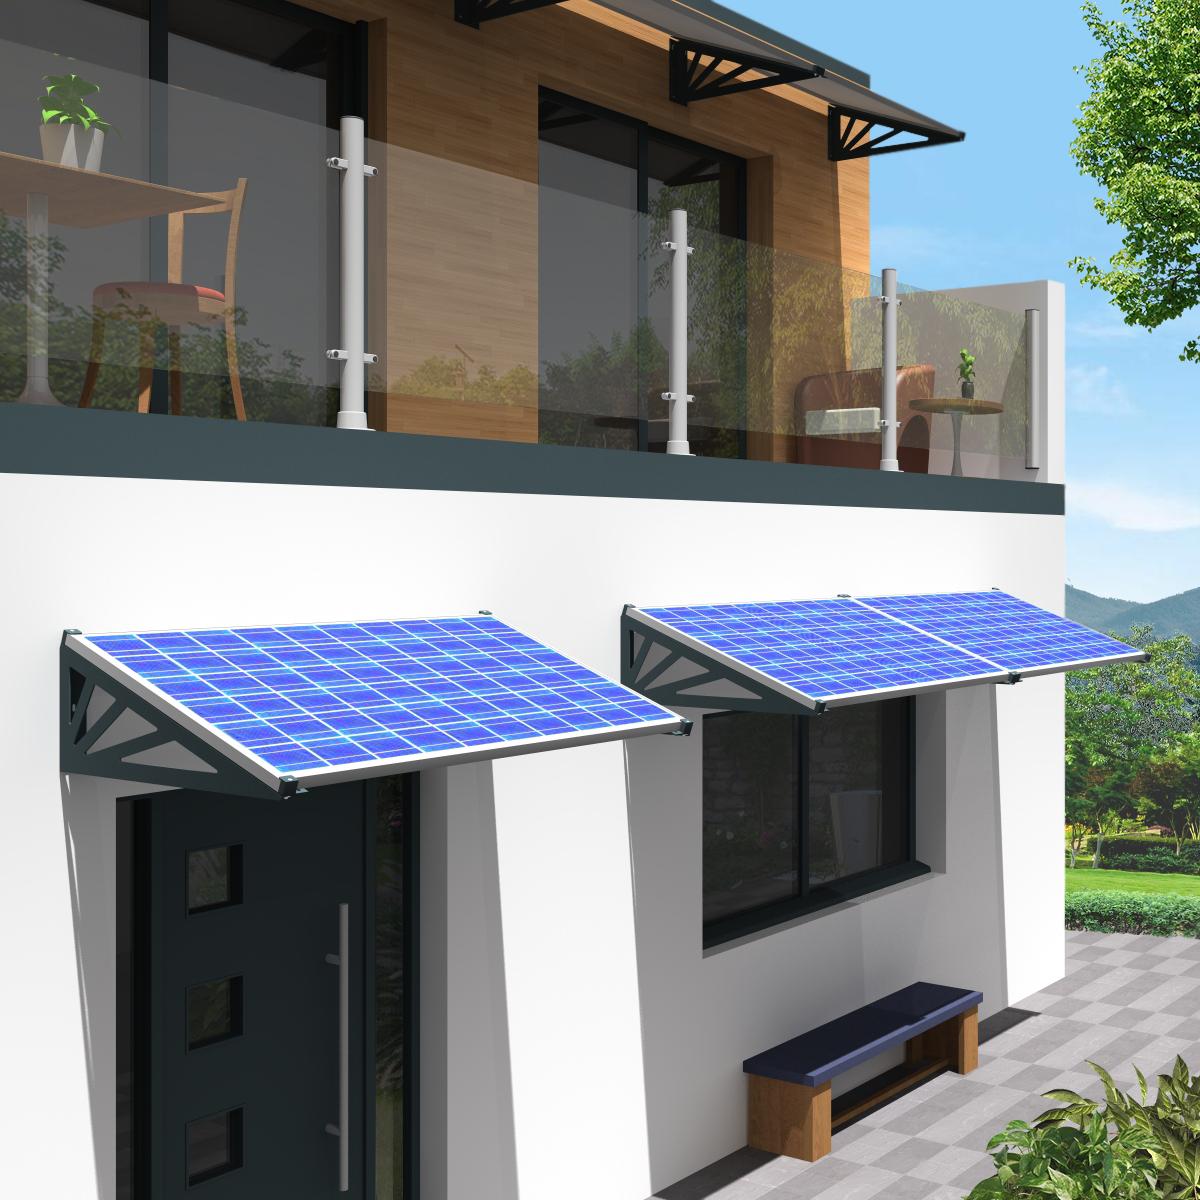 Auvent solaire sur façade maison